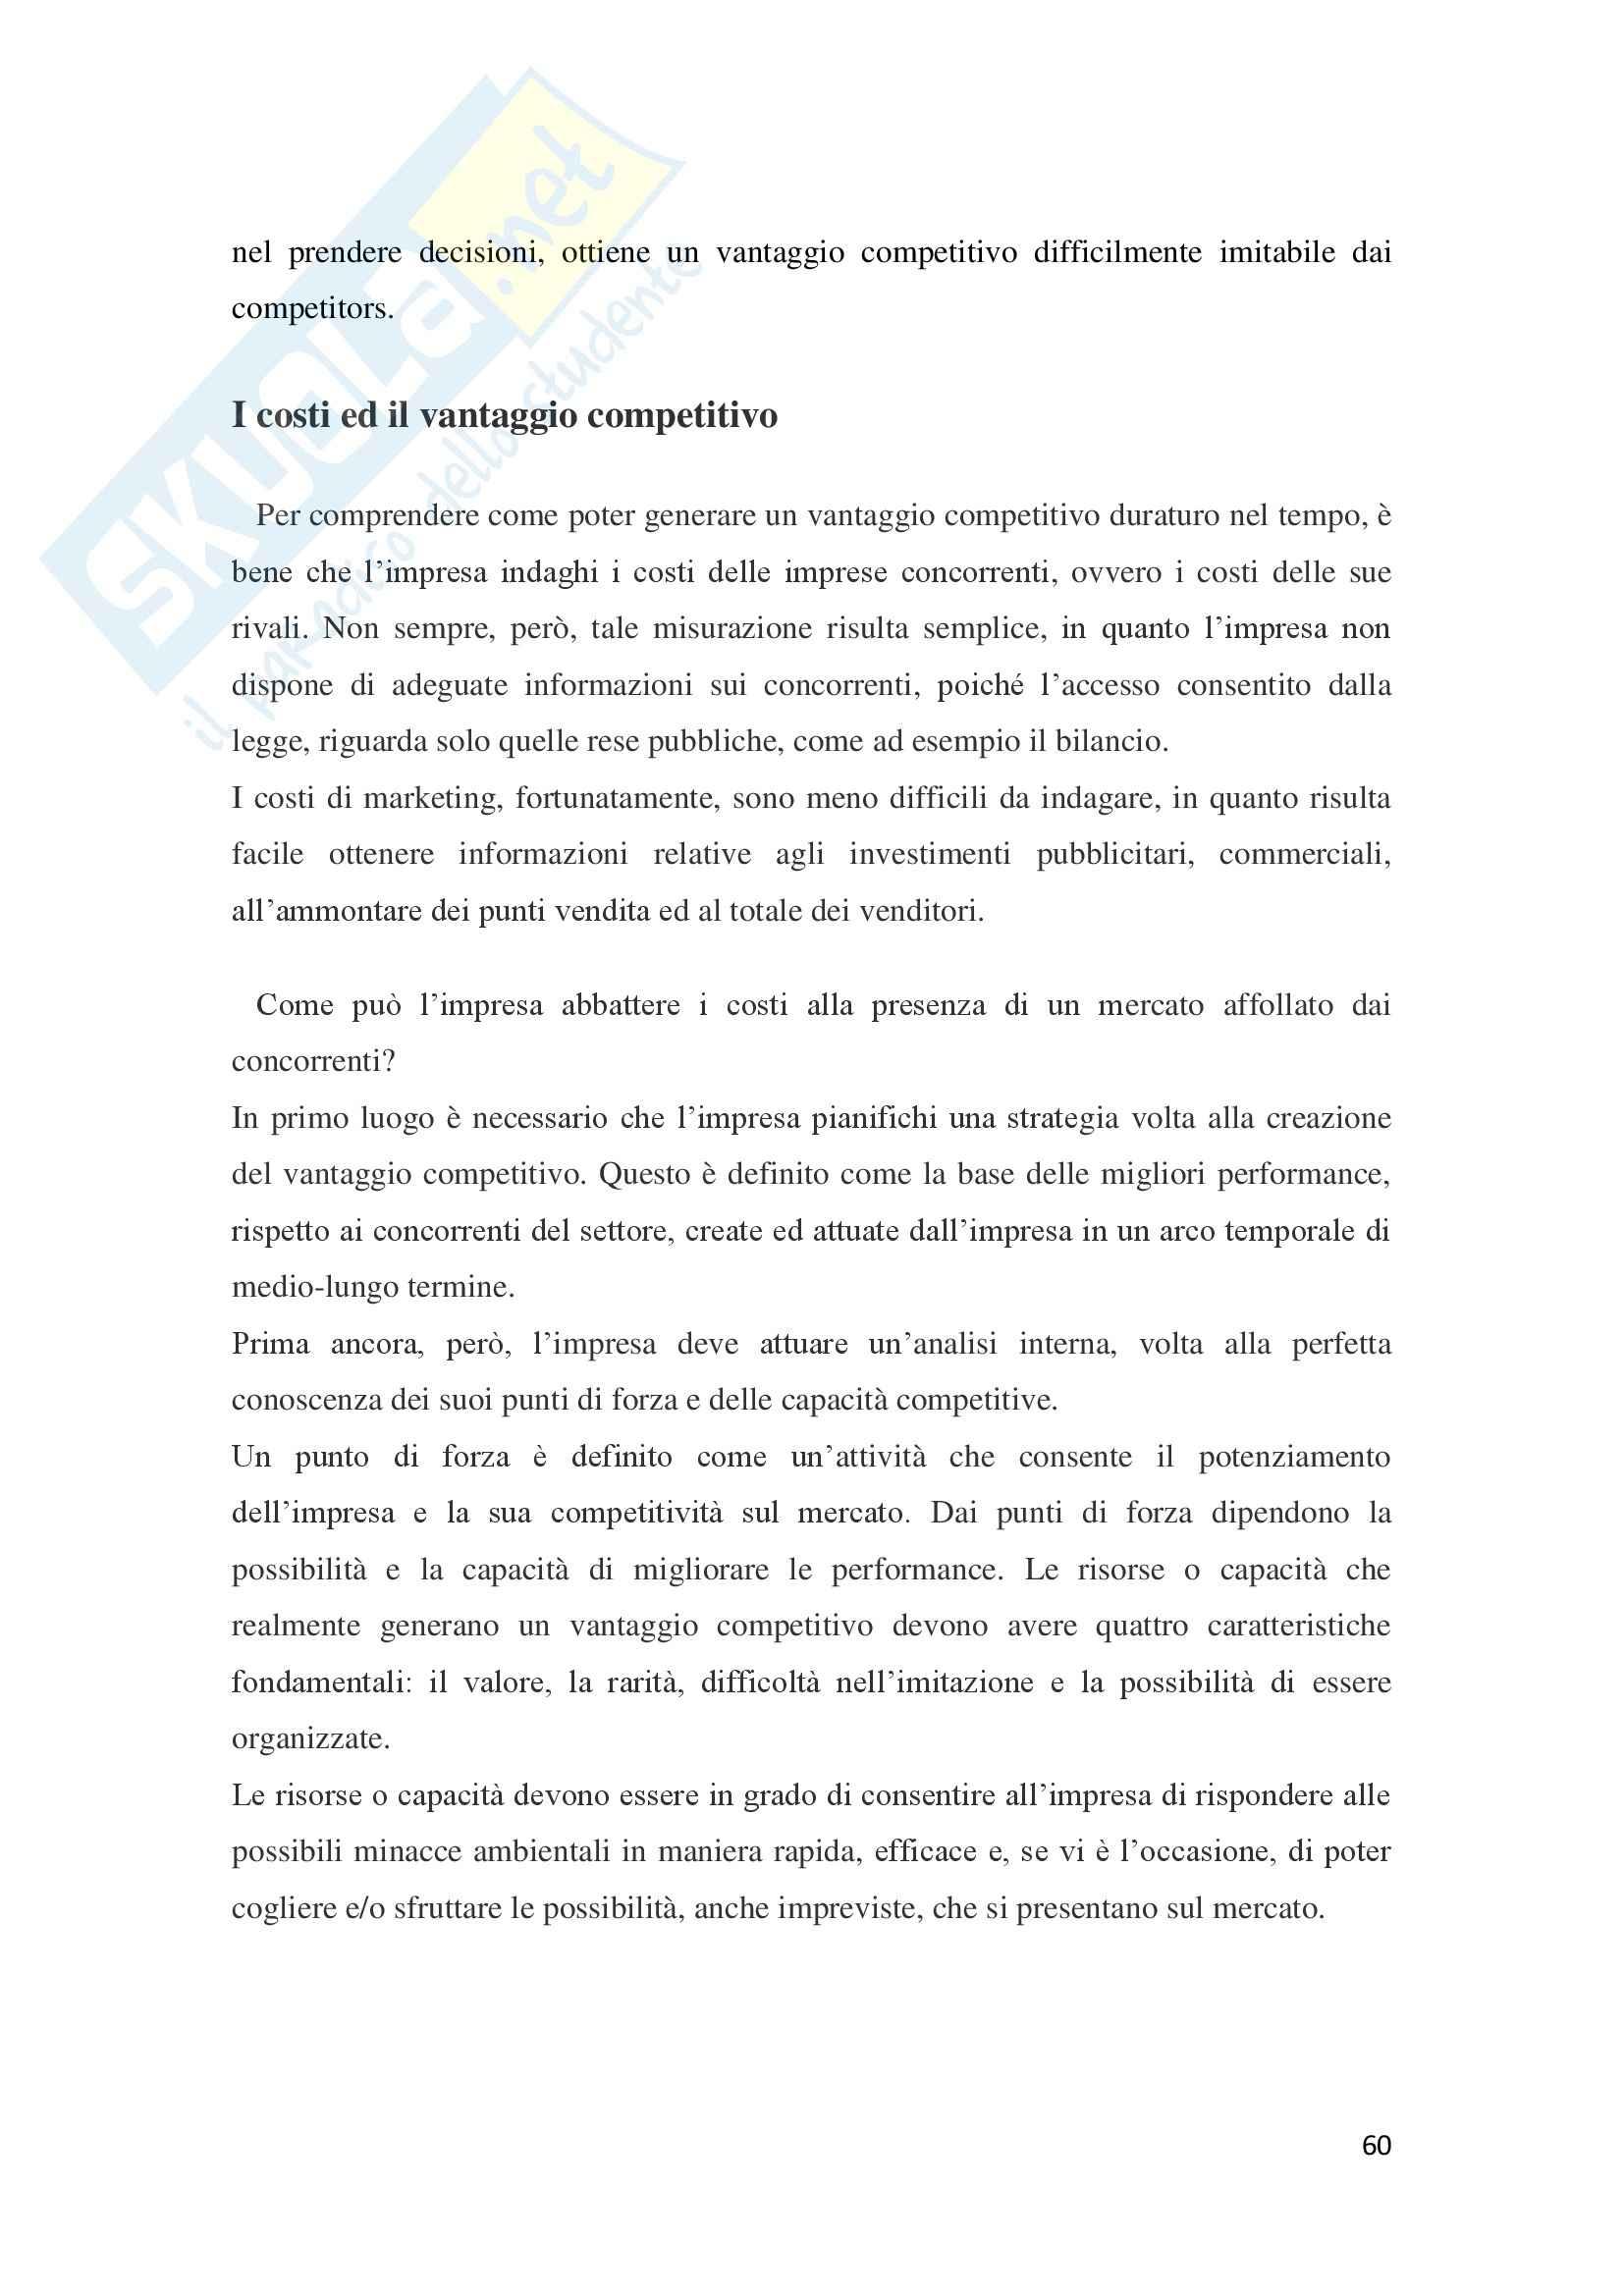 Leve e tecniche di marketing, Organizzazione e controllo aziendale Pag. 61